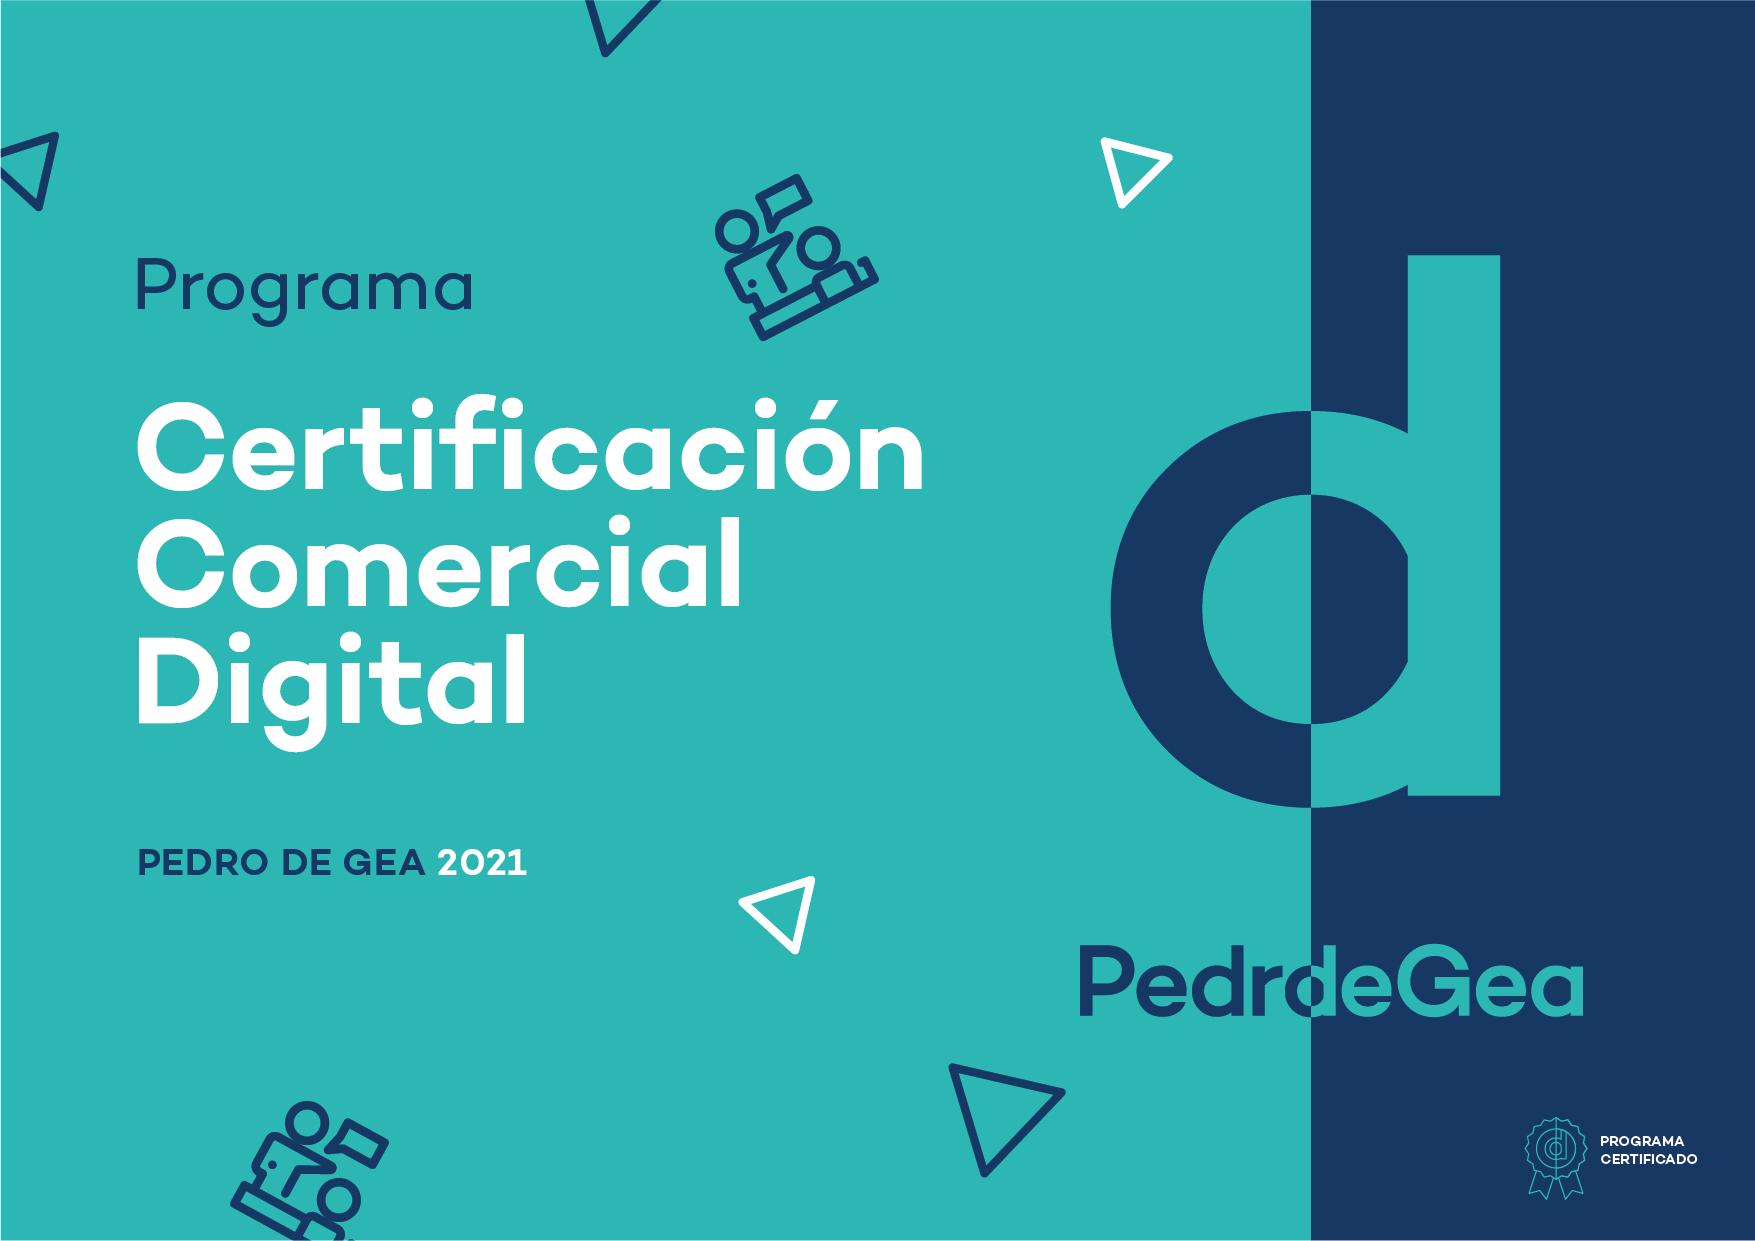 Programas-PedroDeGea-9